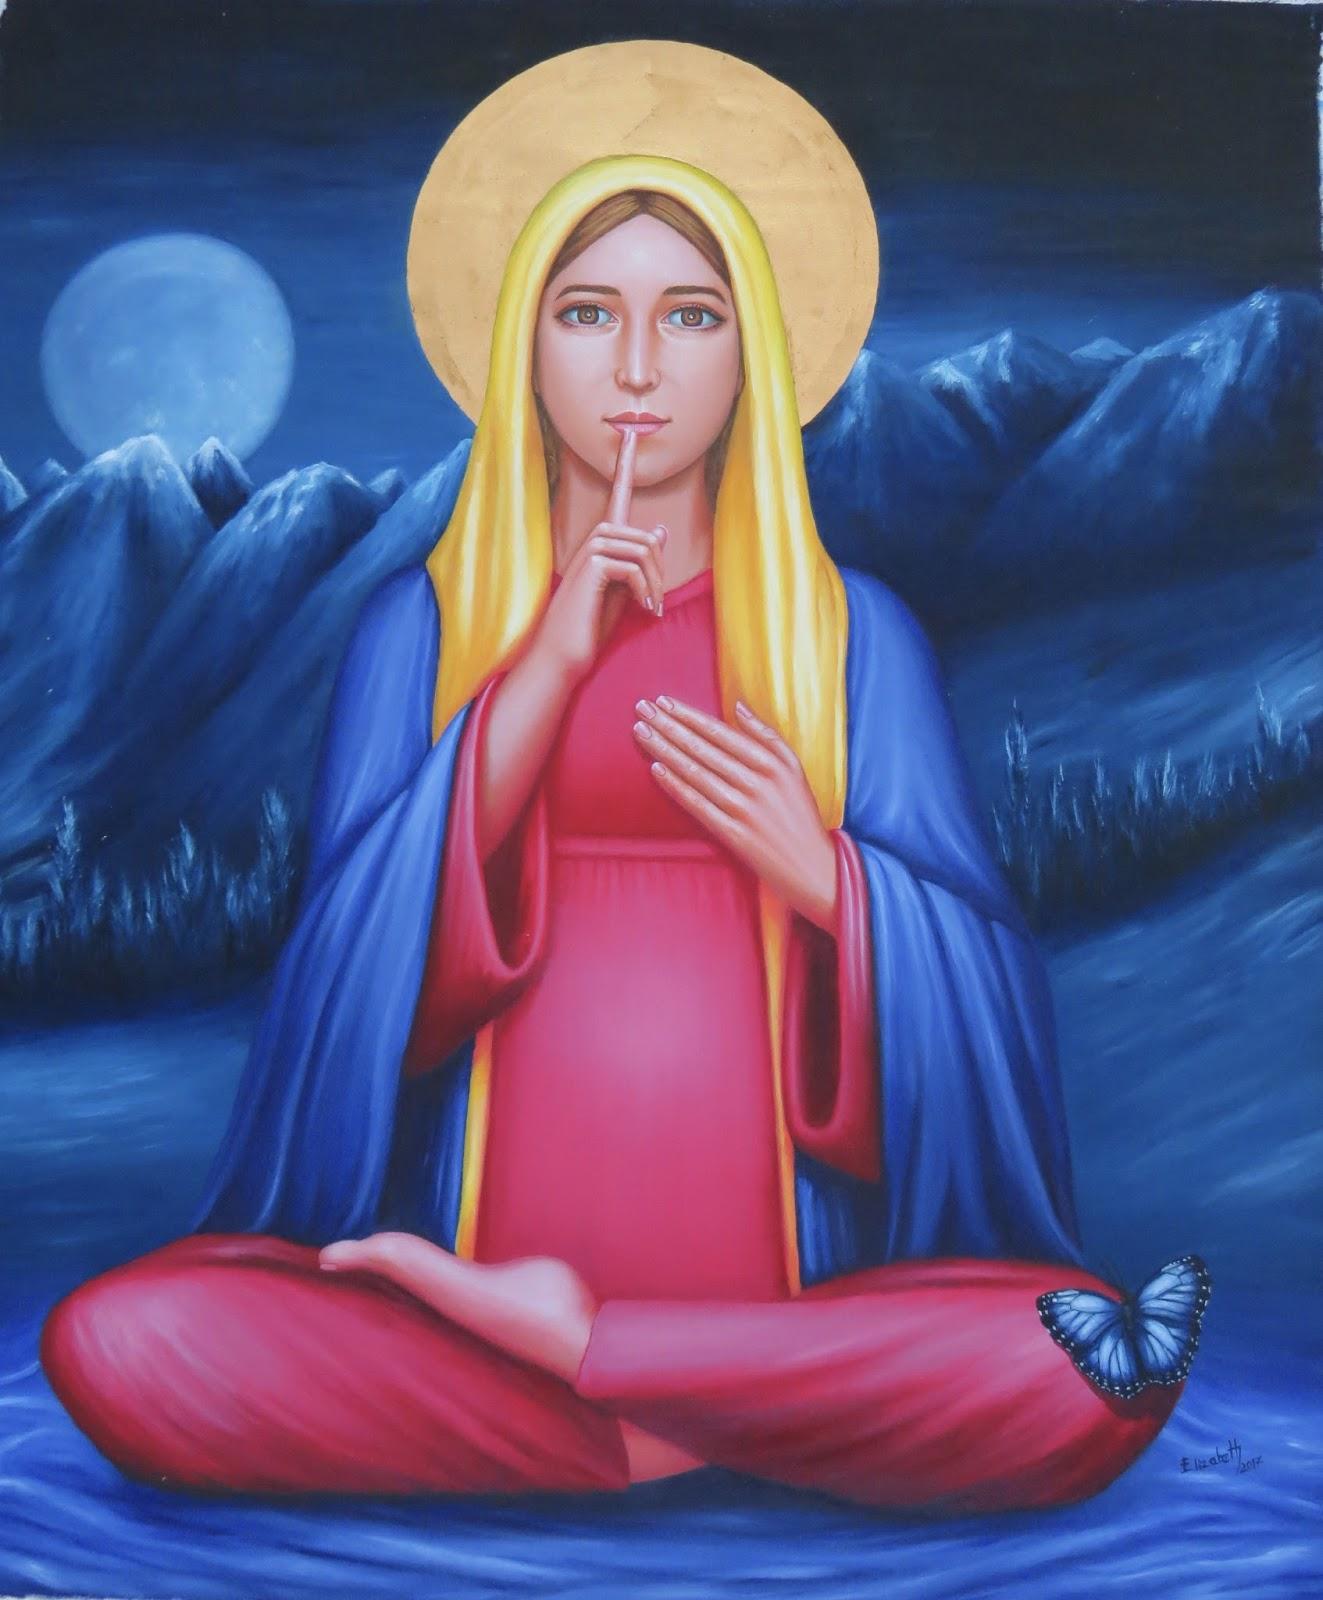 El agujero en la flauta: La Virgen del Silencio